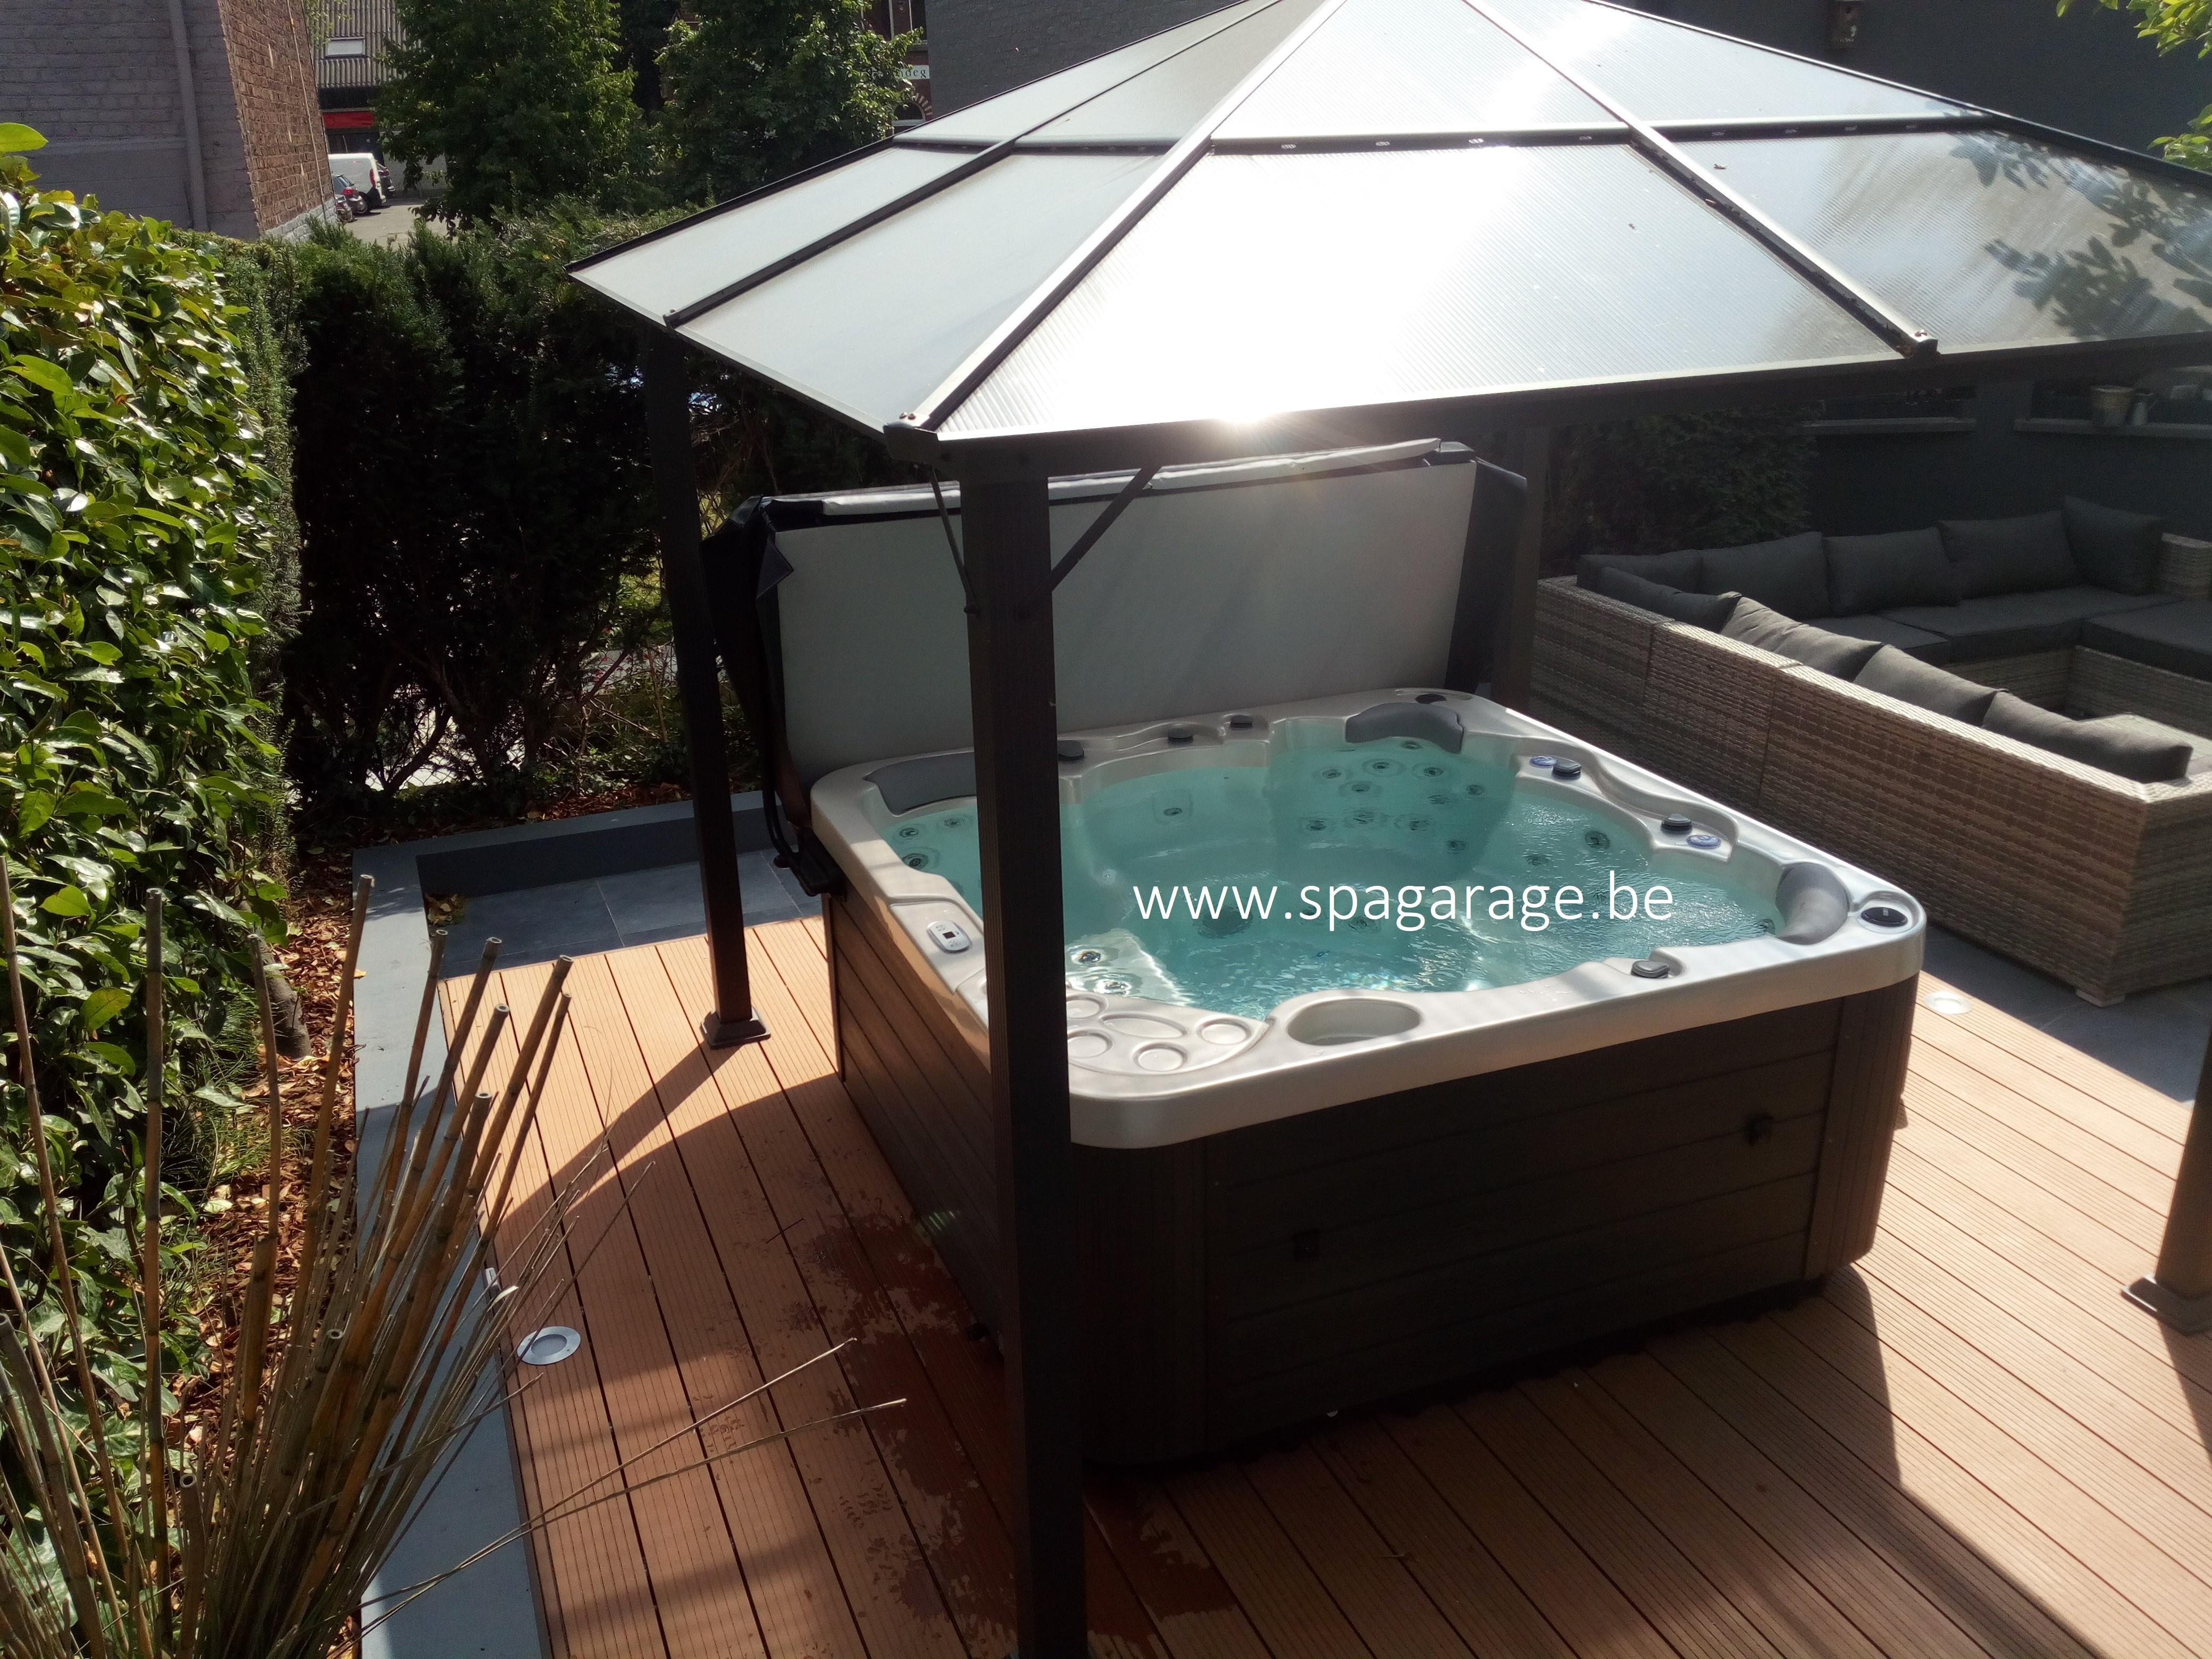 Acheter un spa haute qualité!